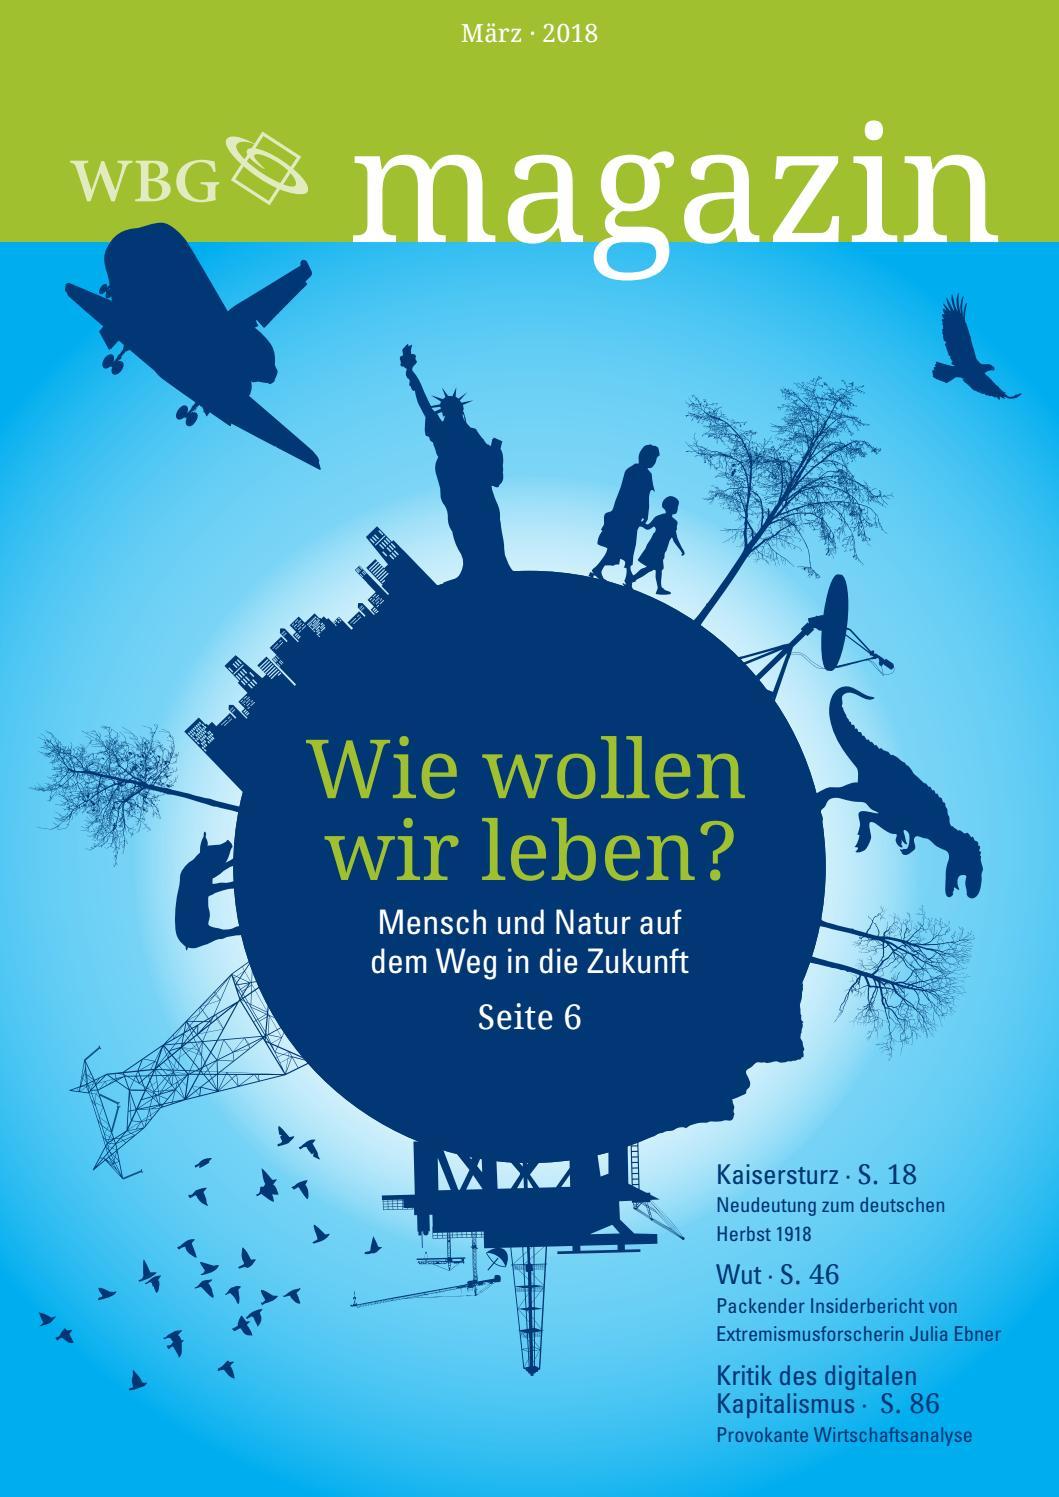 WBG-Magazin 02/2018 by wissenschaftliche Buchgesellschaft (WBG) - issuu